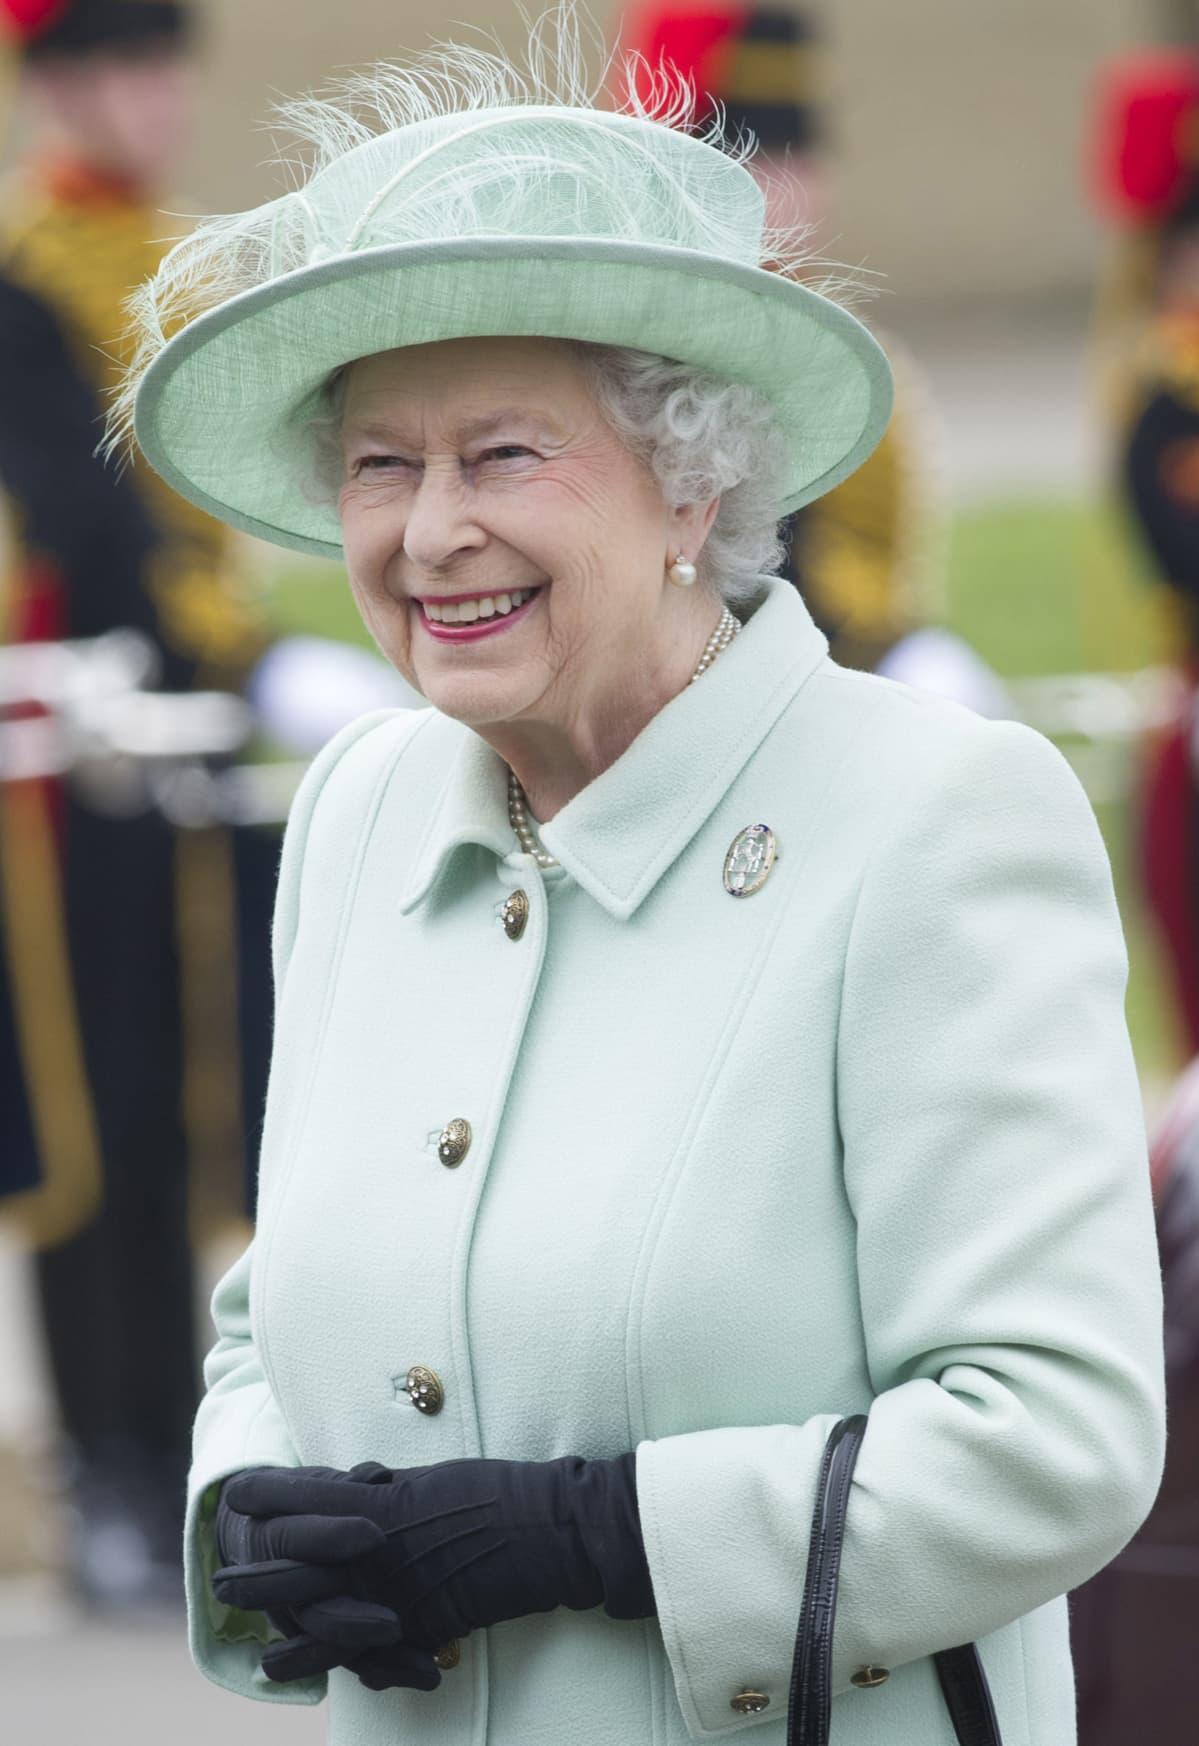 Englannin kuningatar Elisabet II kuvattuna Lontoossa vieraillessaan armeijan seremoniaalisen yksikön tukikohdassa Woolwichissä 31. toukokuuta 2013.